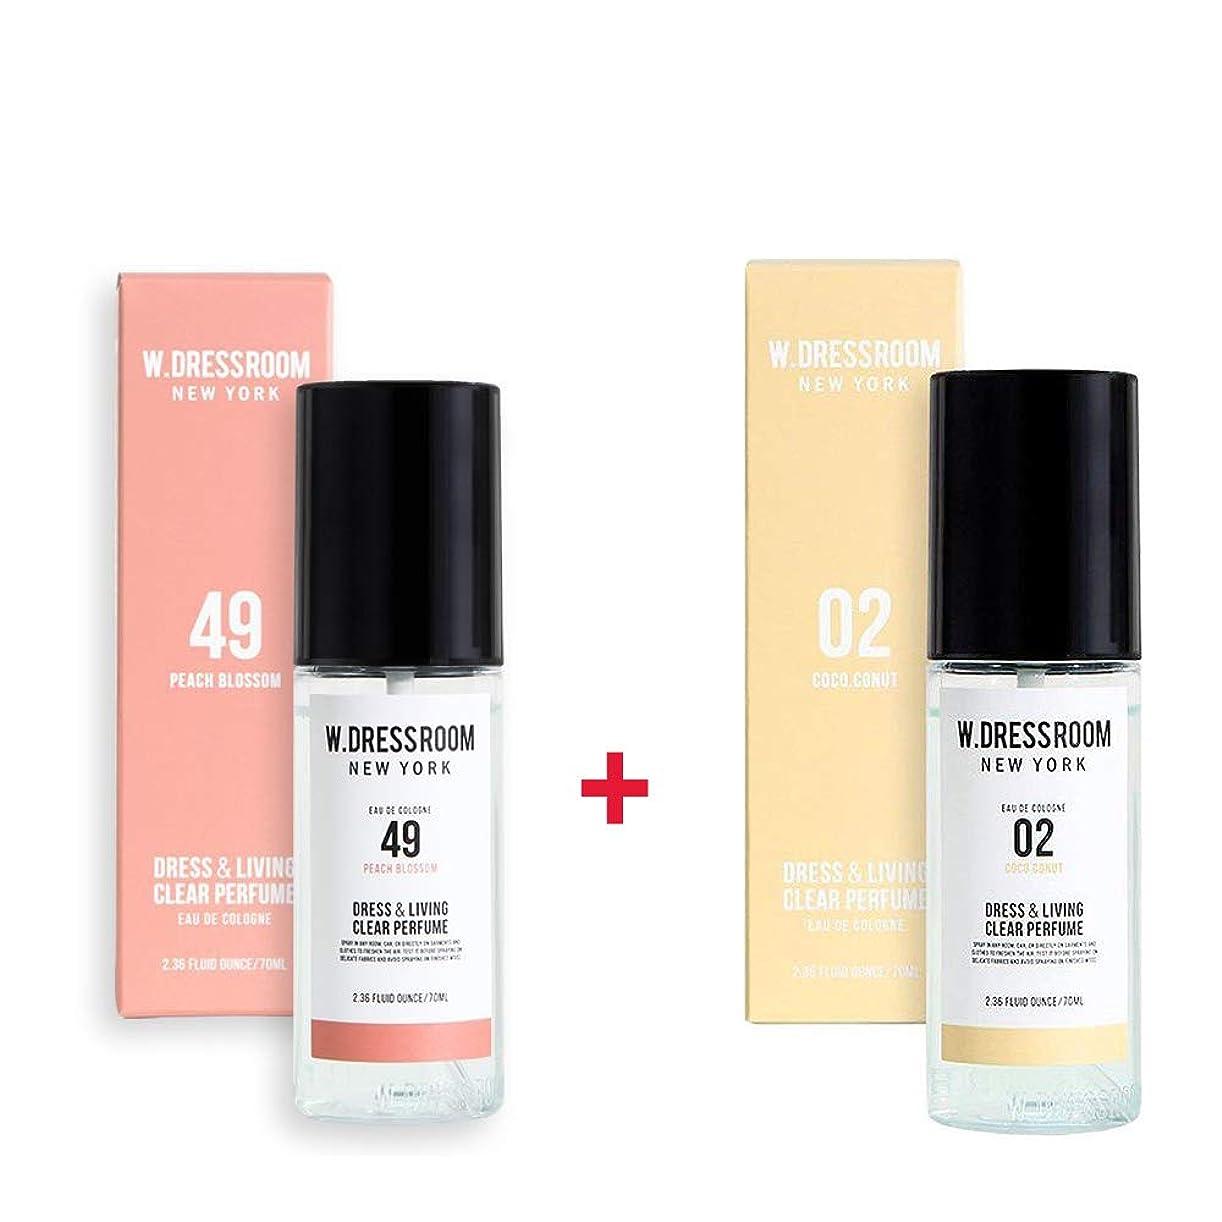 回転させる浸す約束するW.DRESSROOM Dress & Living Clear Perfume 70ml (No 49 Peach Blossom)+(No .02 Coco Conut)